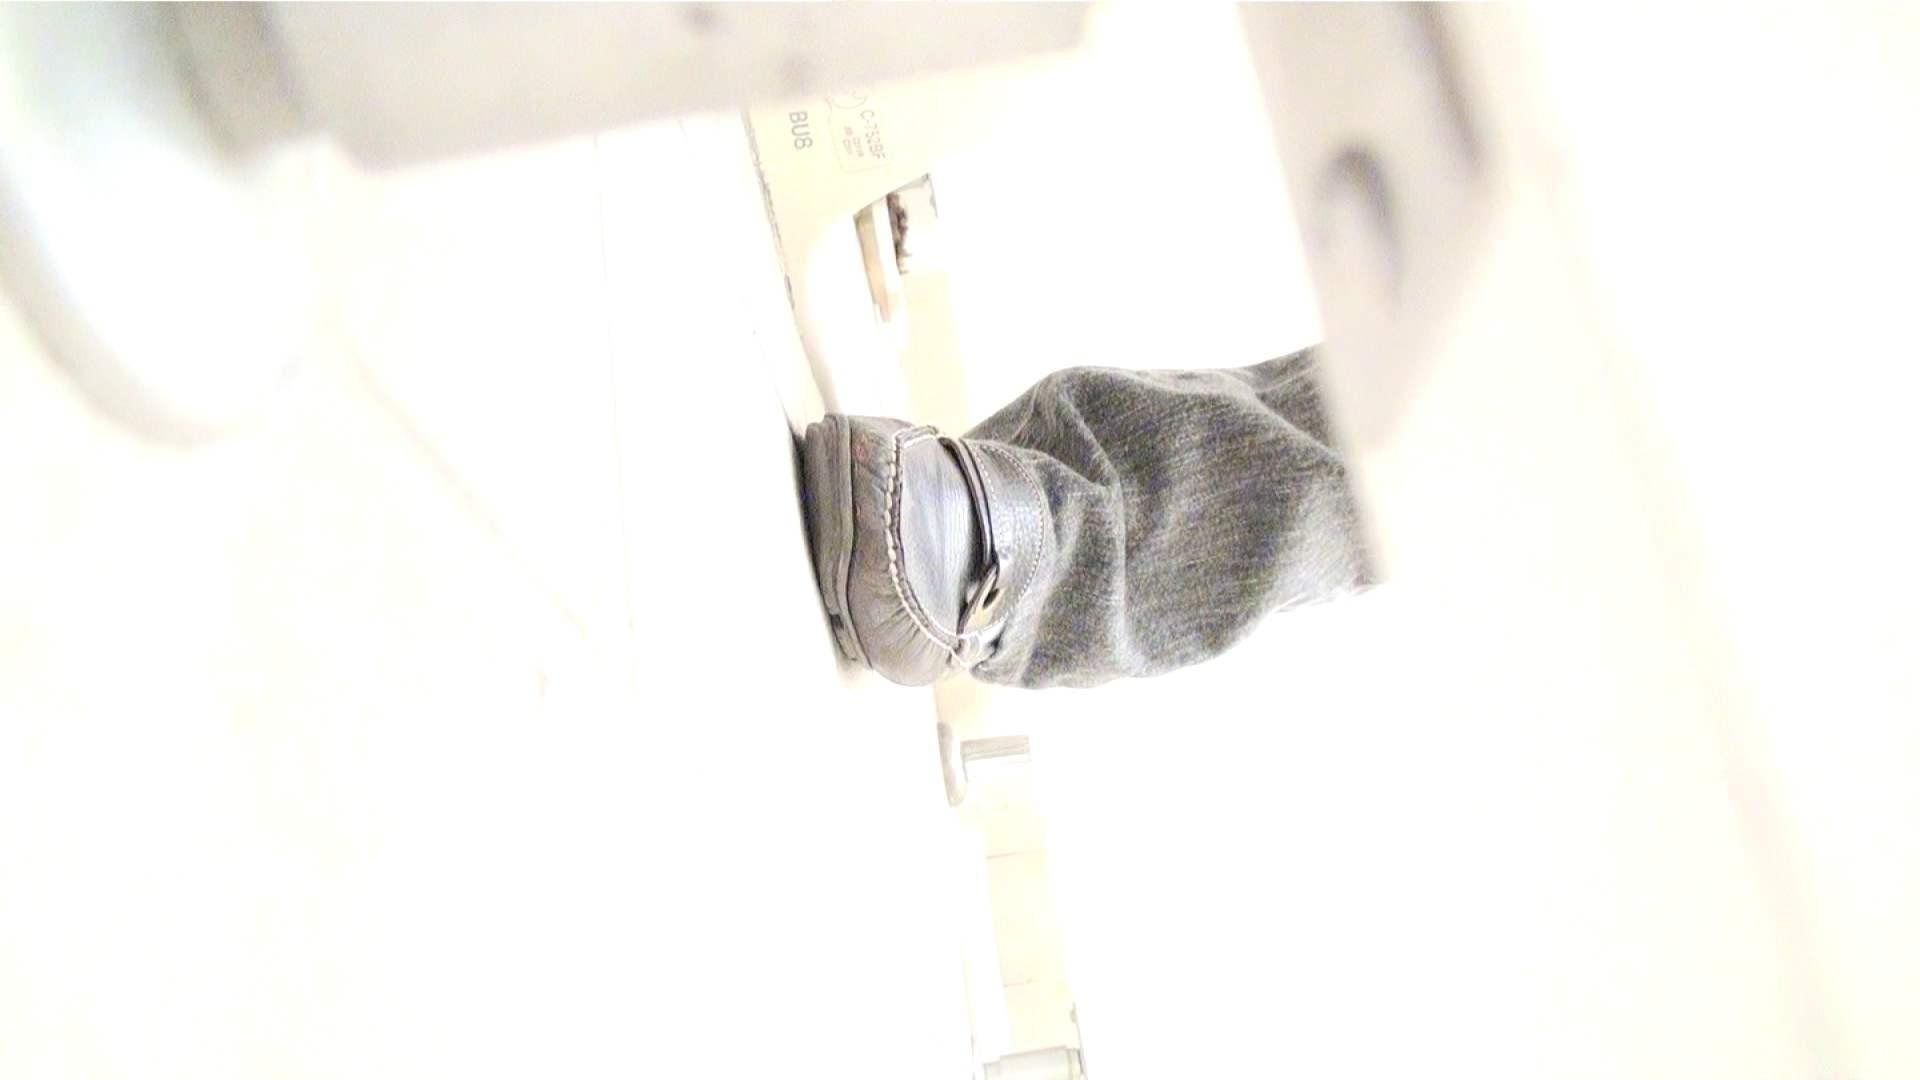 至高下半身盗撮-PREMIUM-【院内病棟編 】 vol.06 エロティックなOL  107画像 24